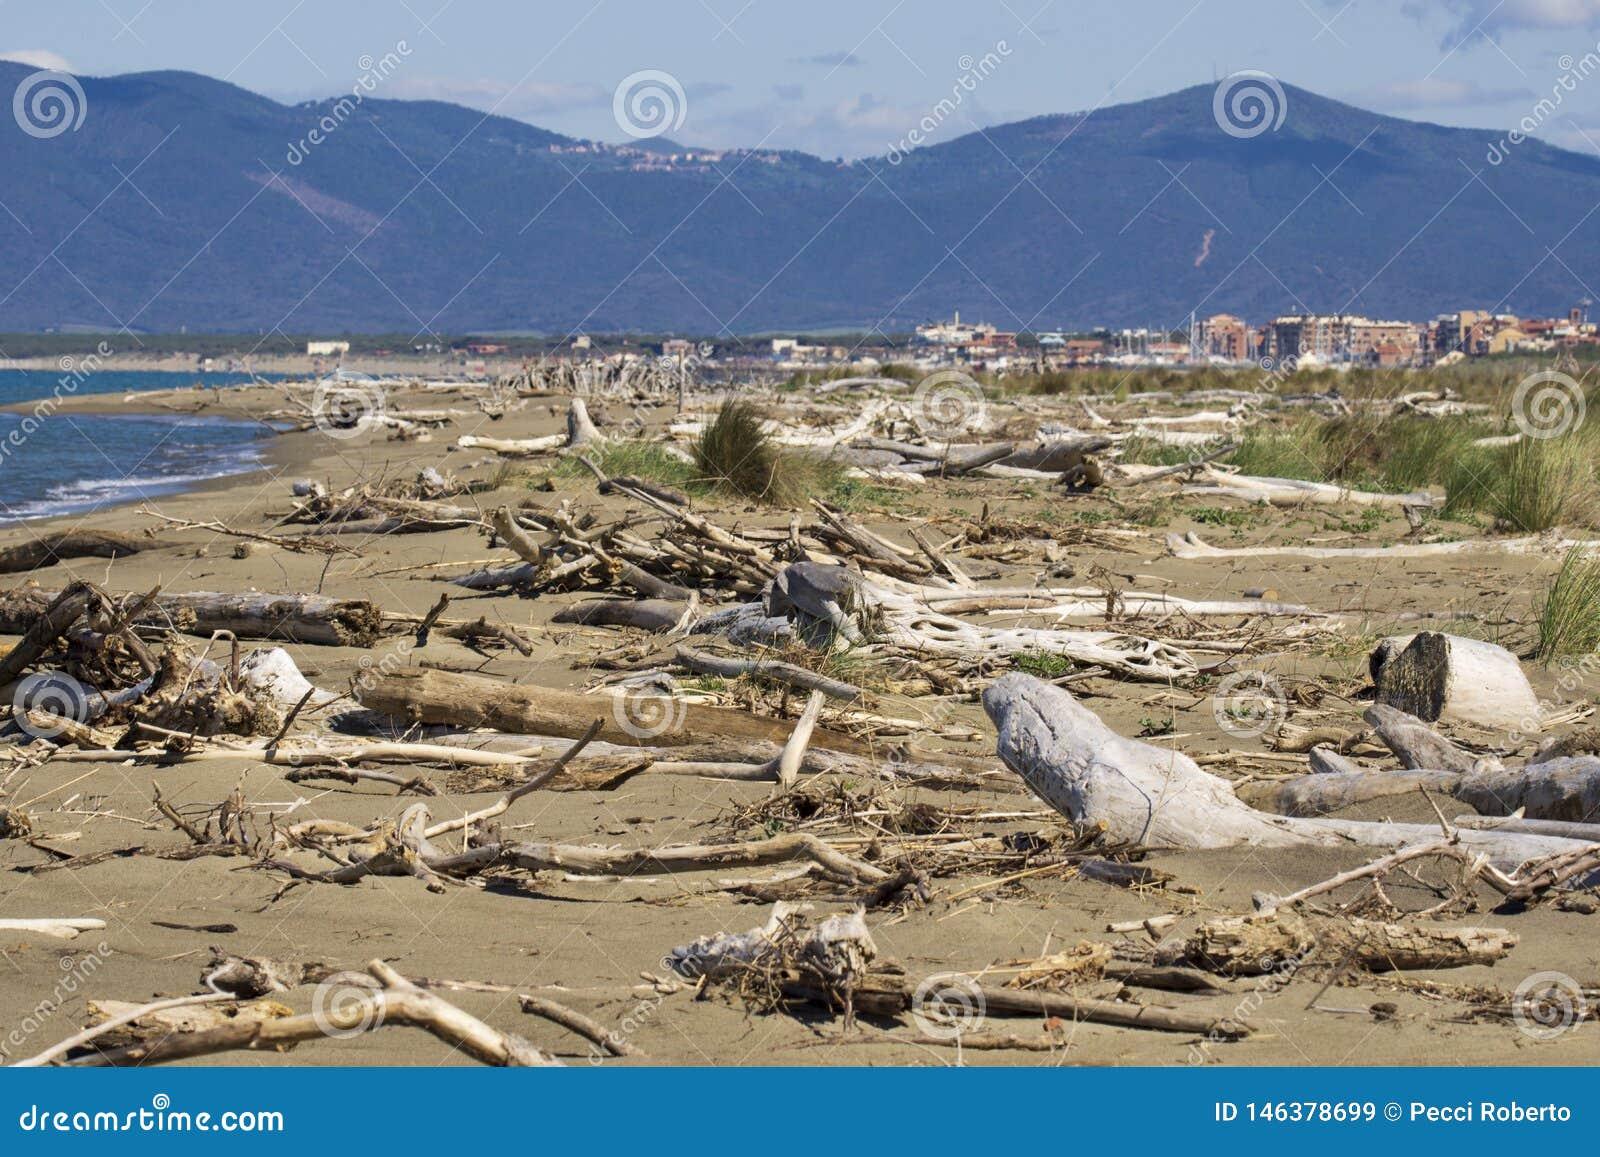 Italien Toskana Maremma, auf dem Strand in Richtung zu Bocca di Ombrone, Ansicht der K?stenlinie, im Hintergrund Marina di Grosse